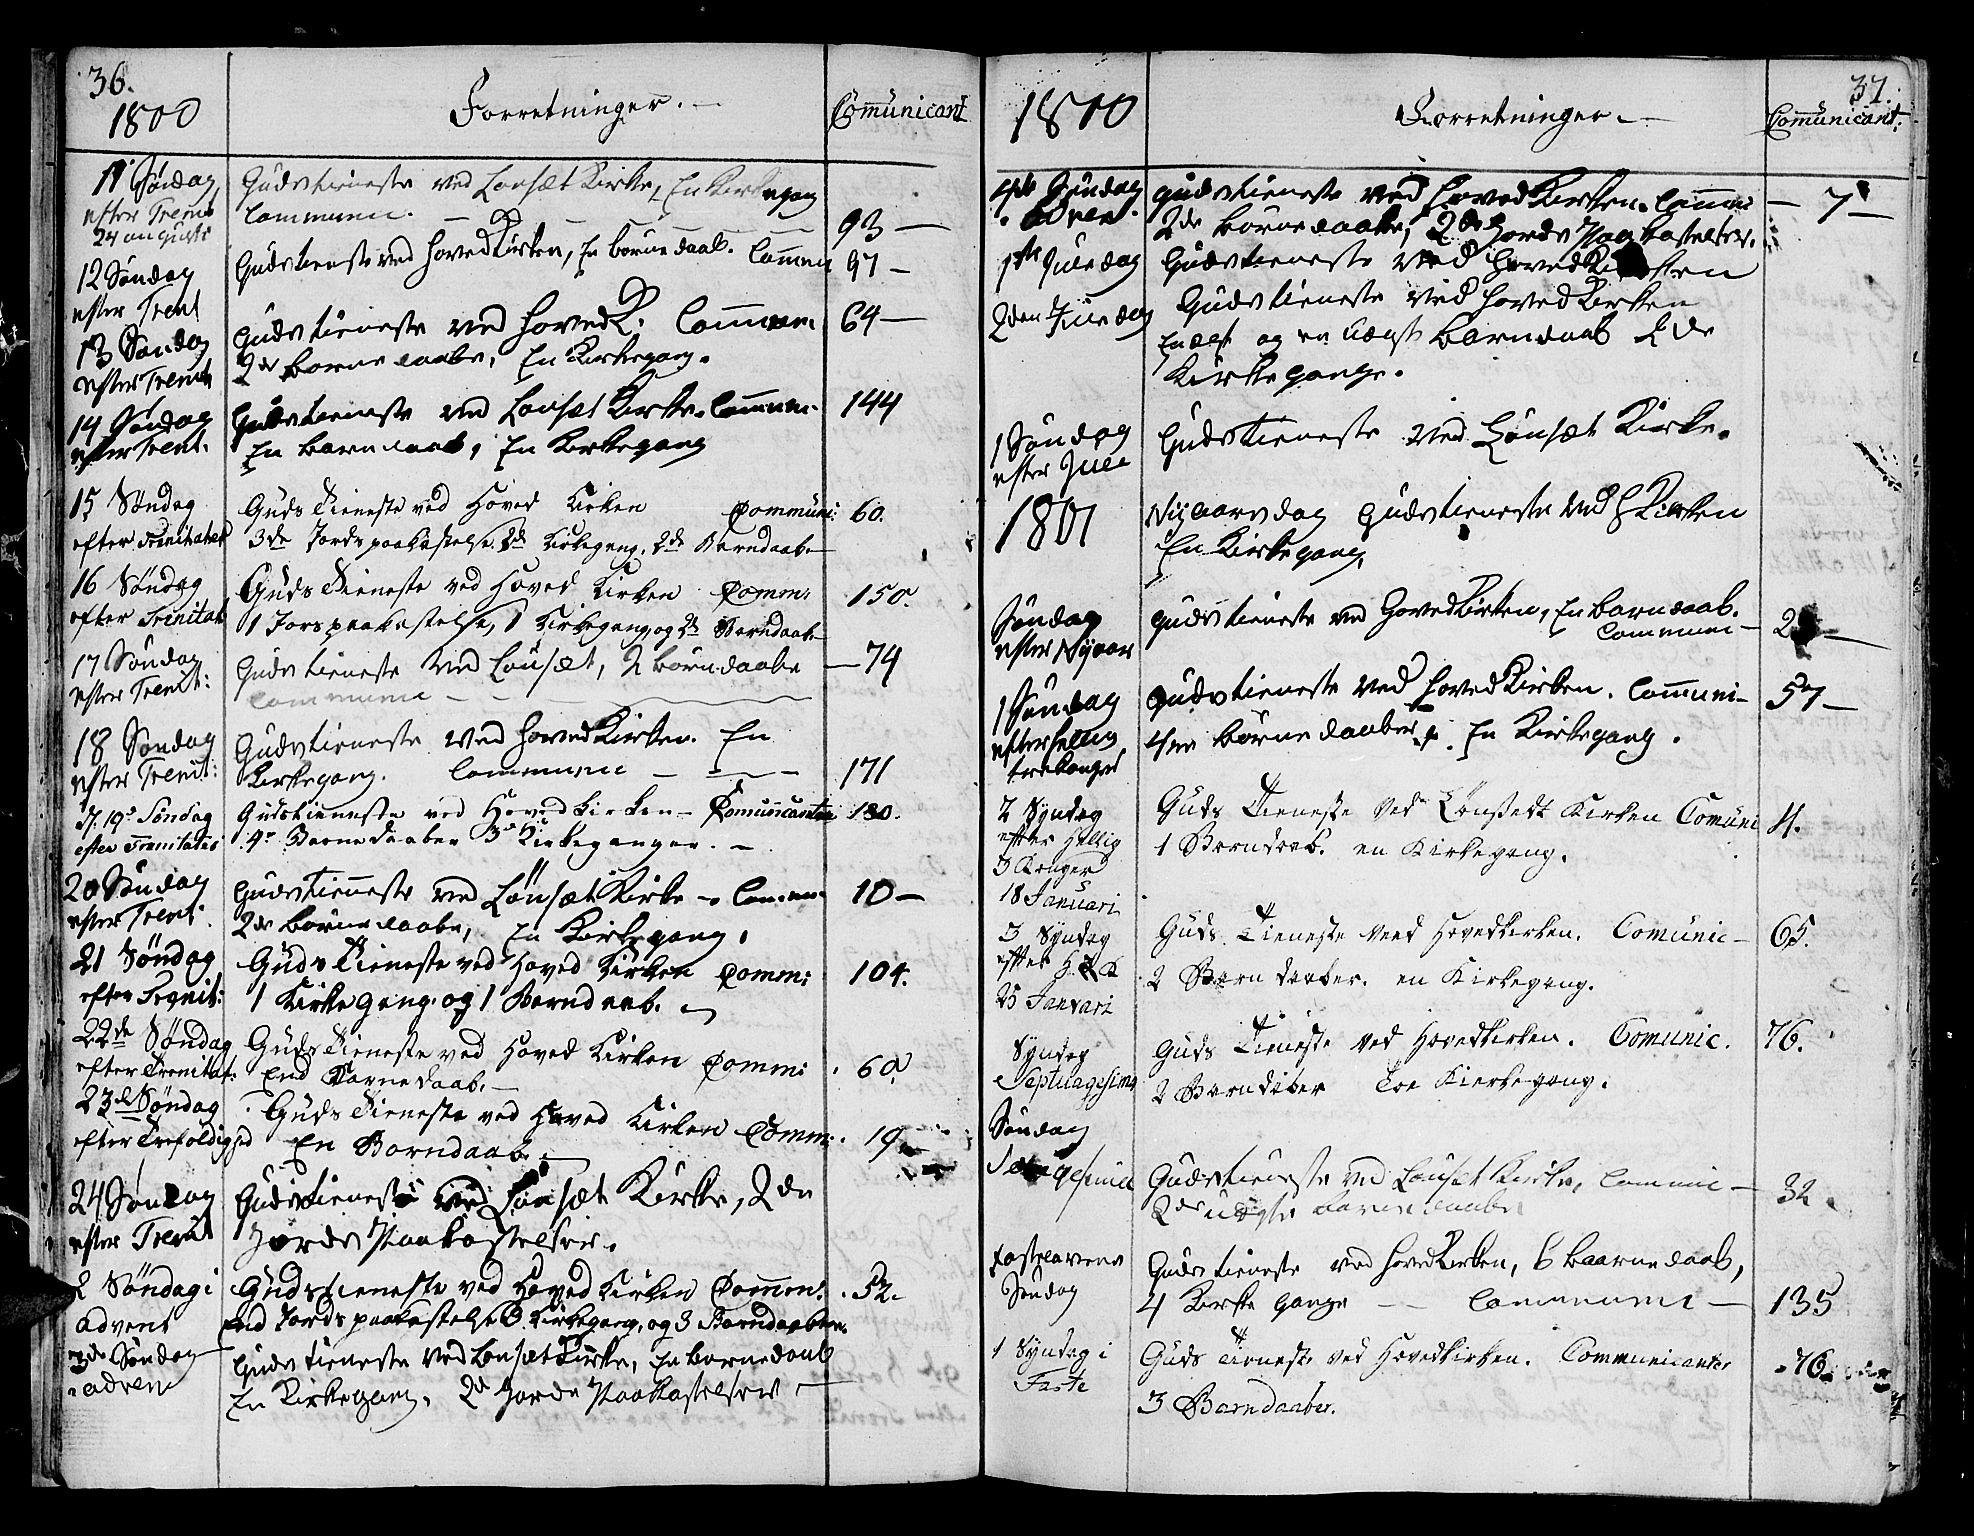 SAT, Ministerialprotokoller, klokkerbøker og fødselsregistre - Sør-Trøndelag, 678/L0893: Ministerialbok nr. 678A03, 1792-1805, s. 36-37